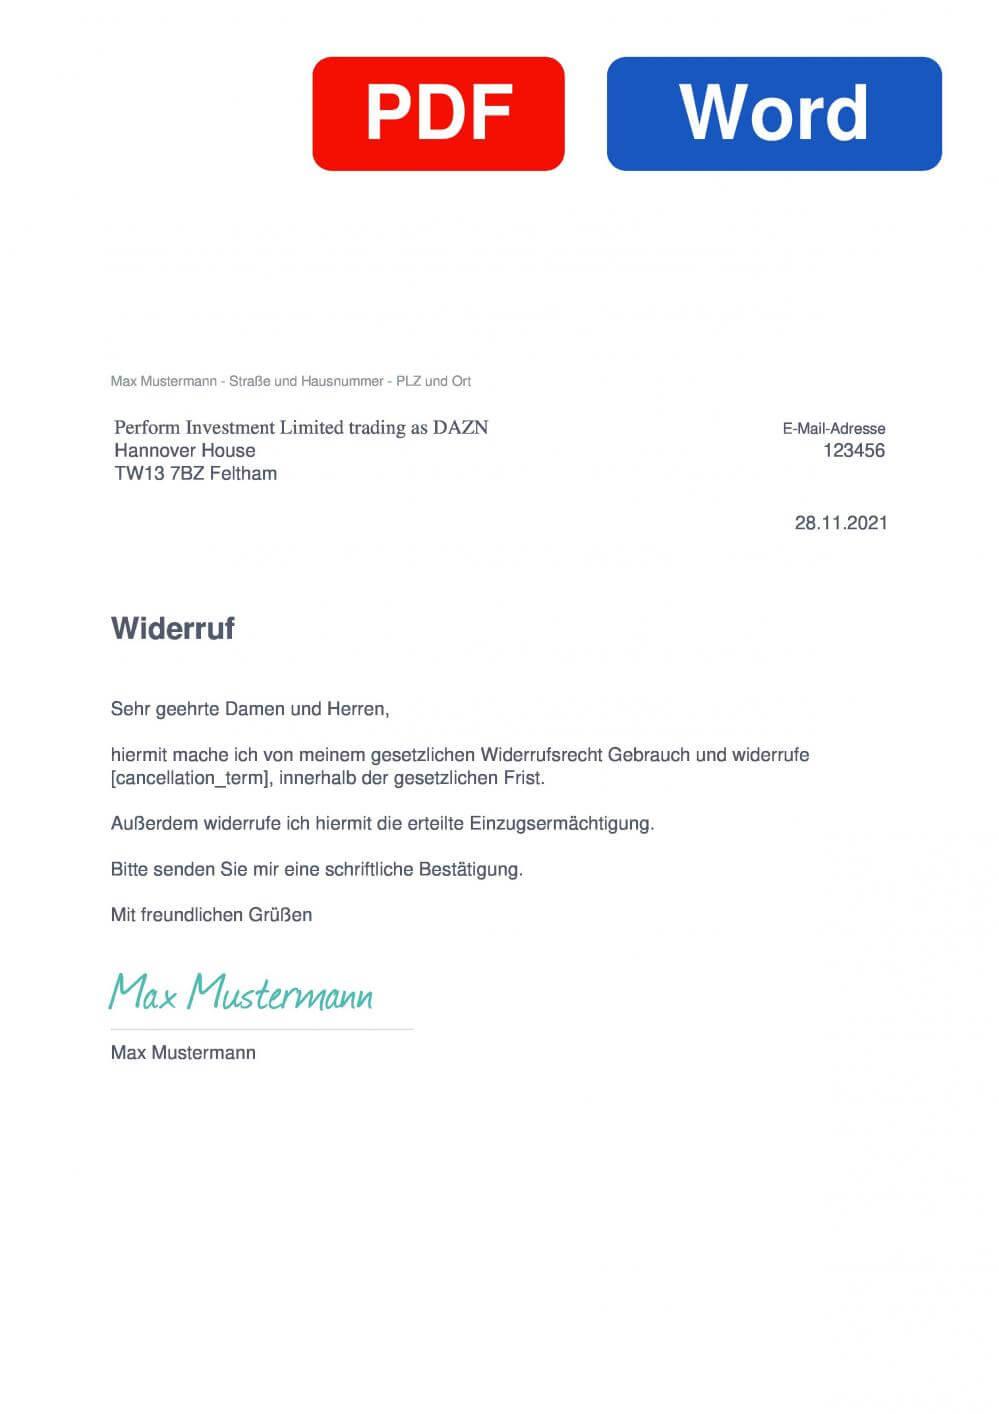 DAZN Muster Vorlage für Wiederrufsschreiben